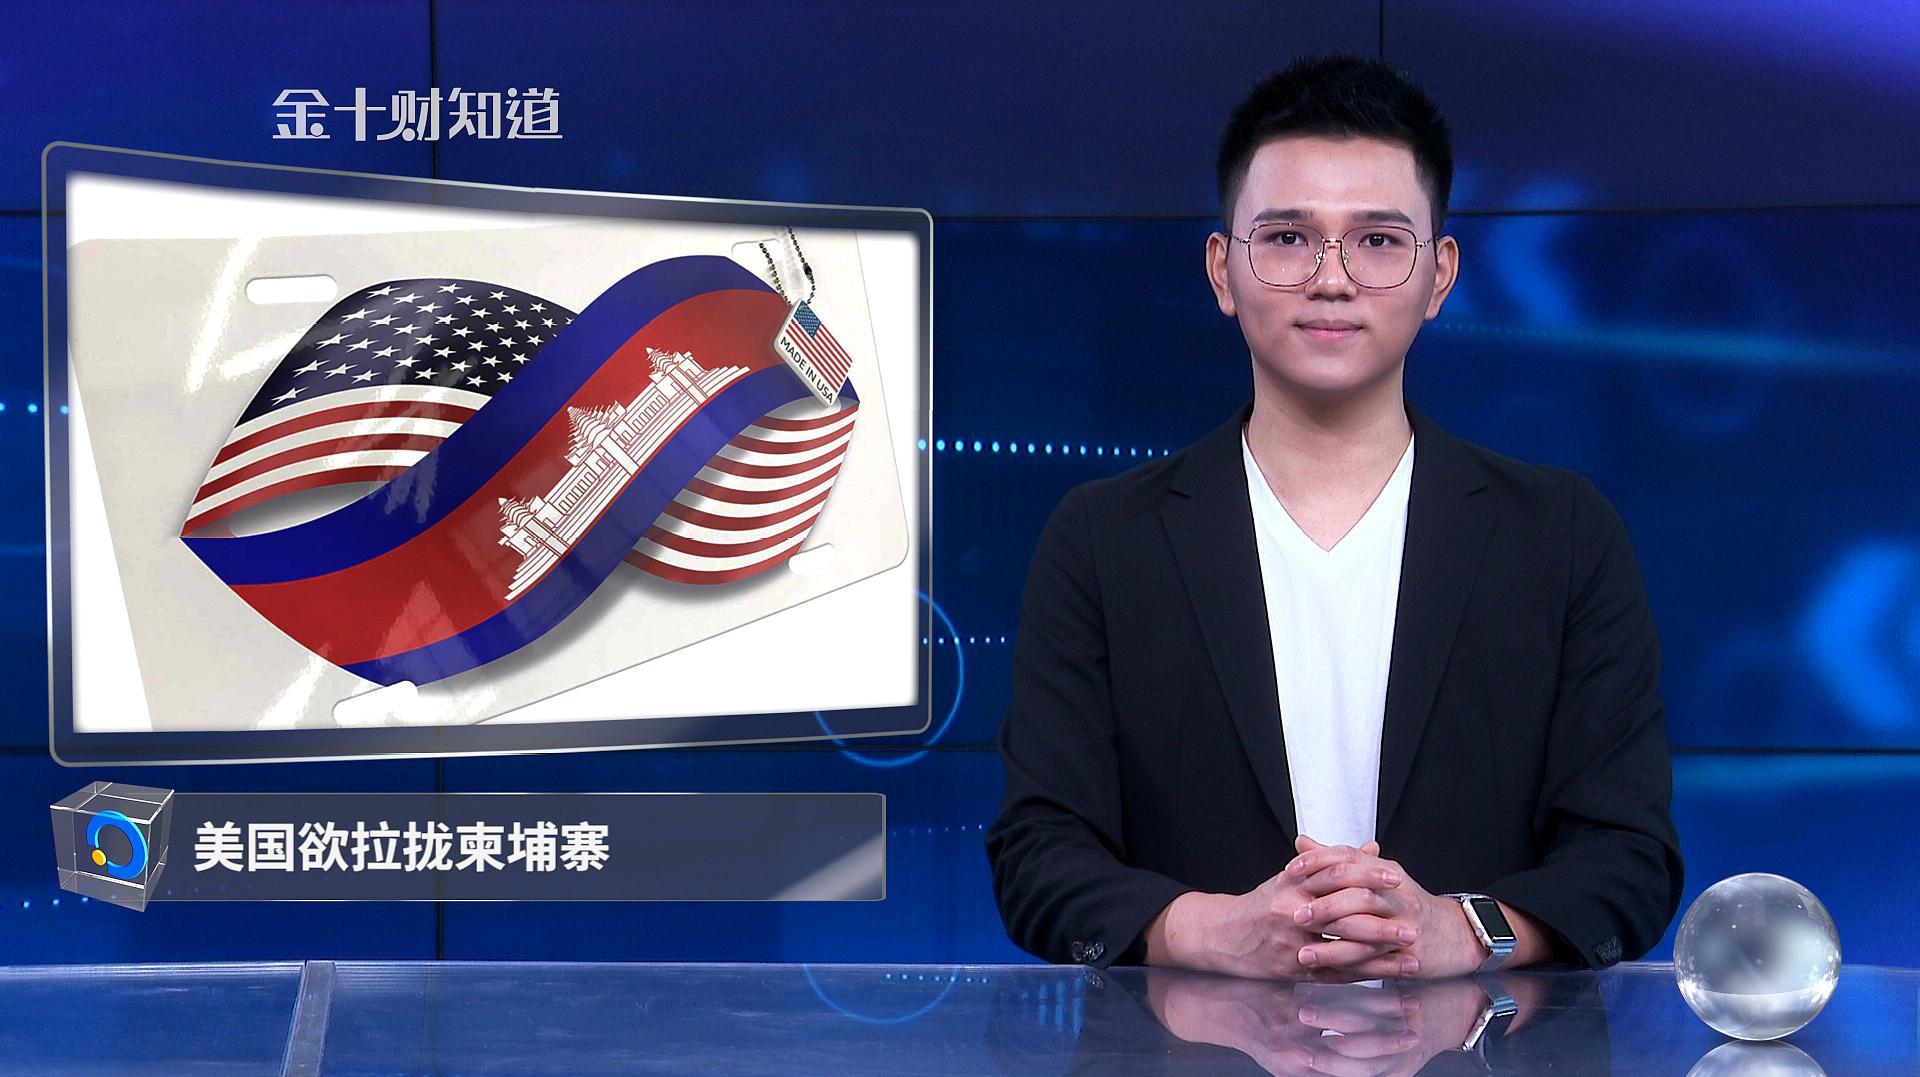 不再借道越南!中国对柬埔寨香蕉敞开大门,美国拿出千万献殷勤?